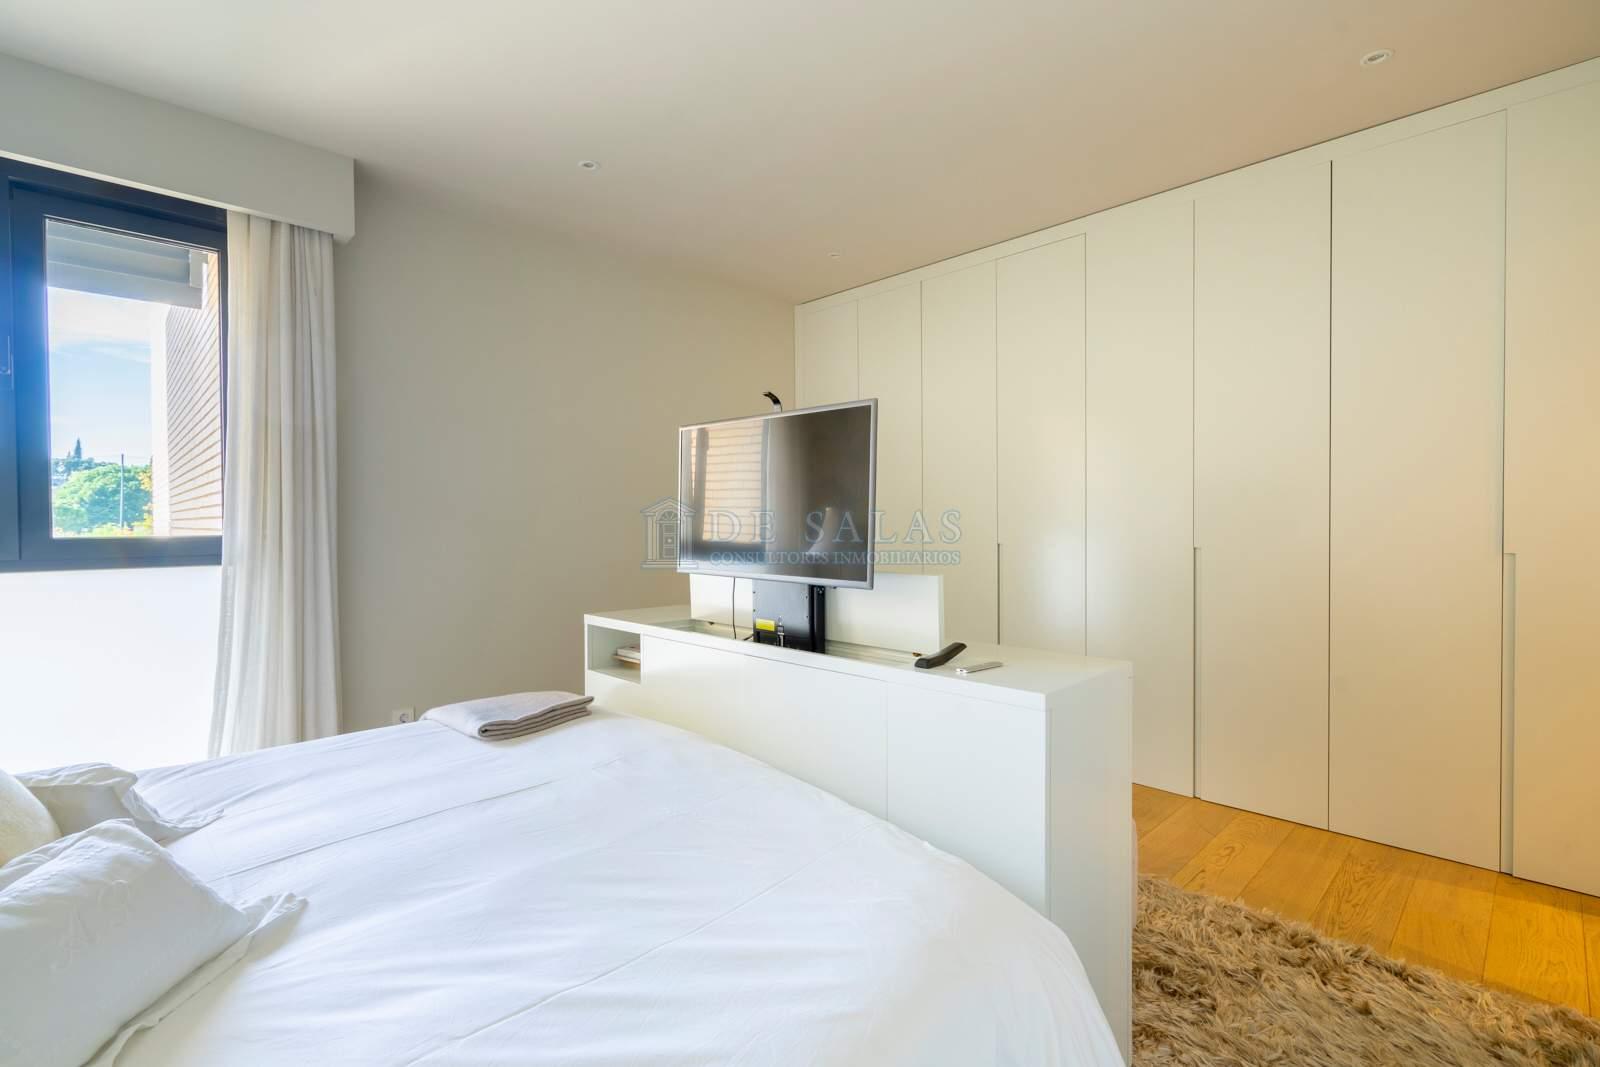 Dormitorio-15 Appartement El Encinar de los Reyes